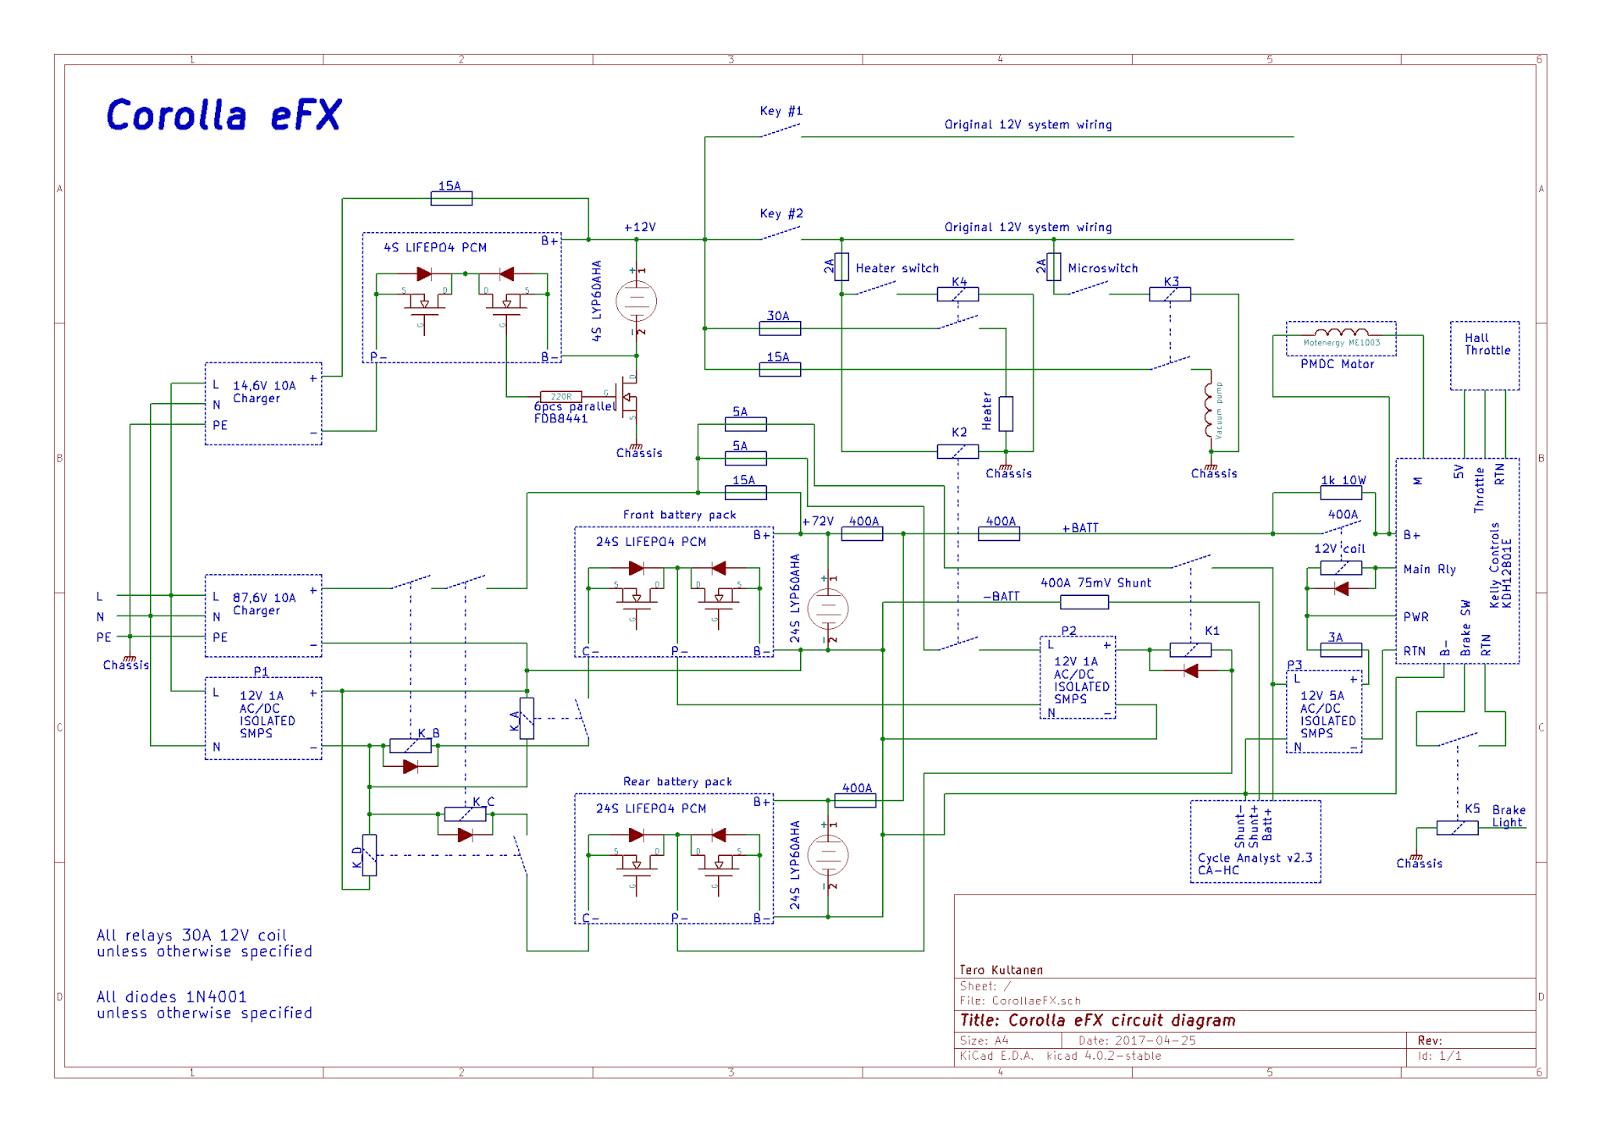 medium resolution of circuit diagram update 25 4 2017